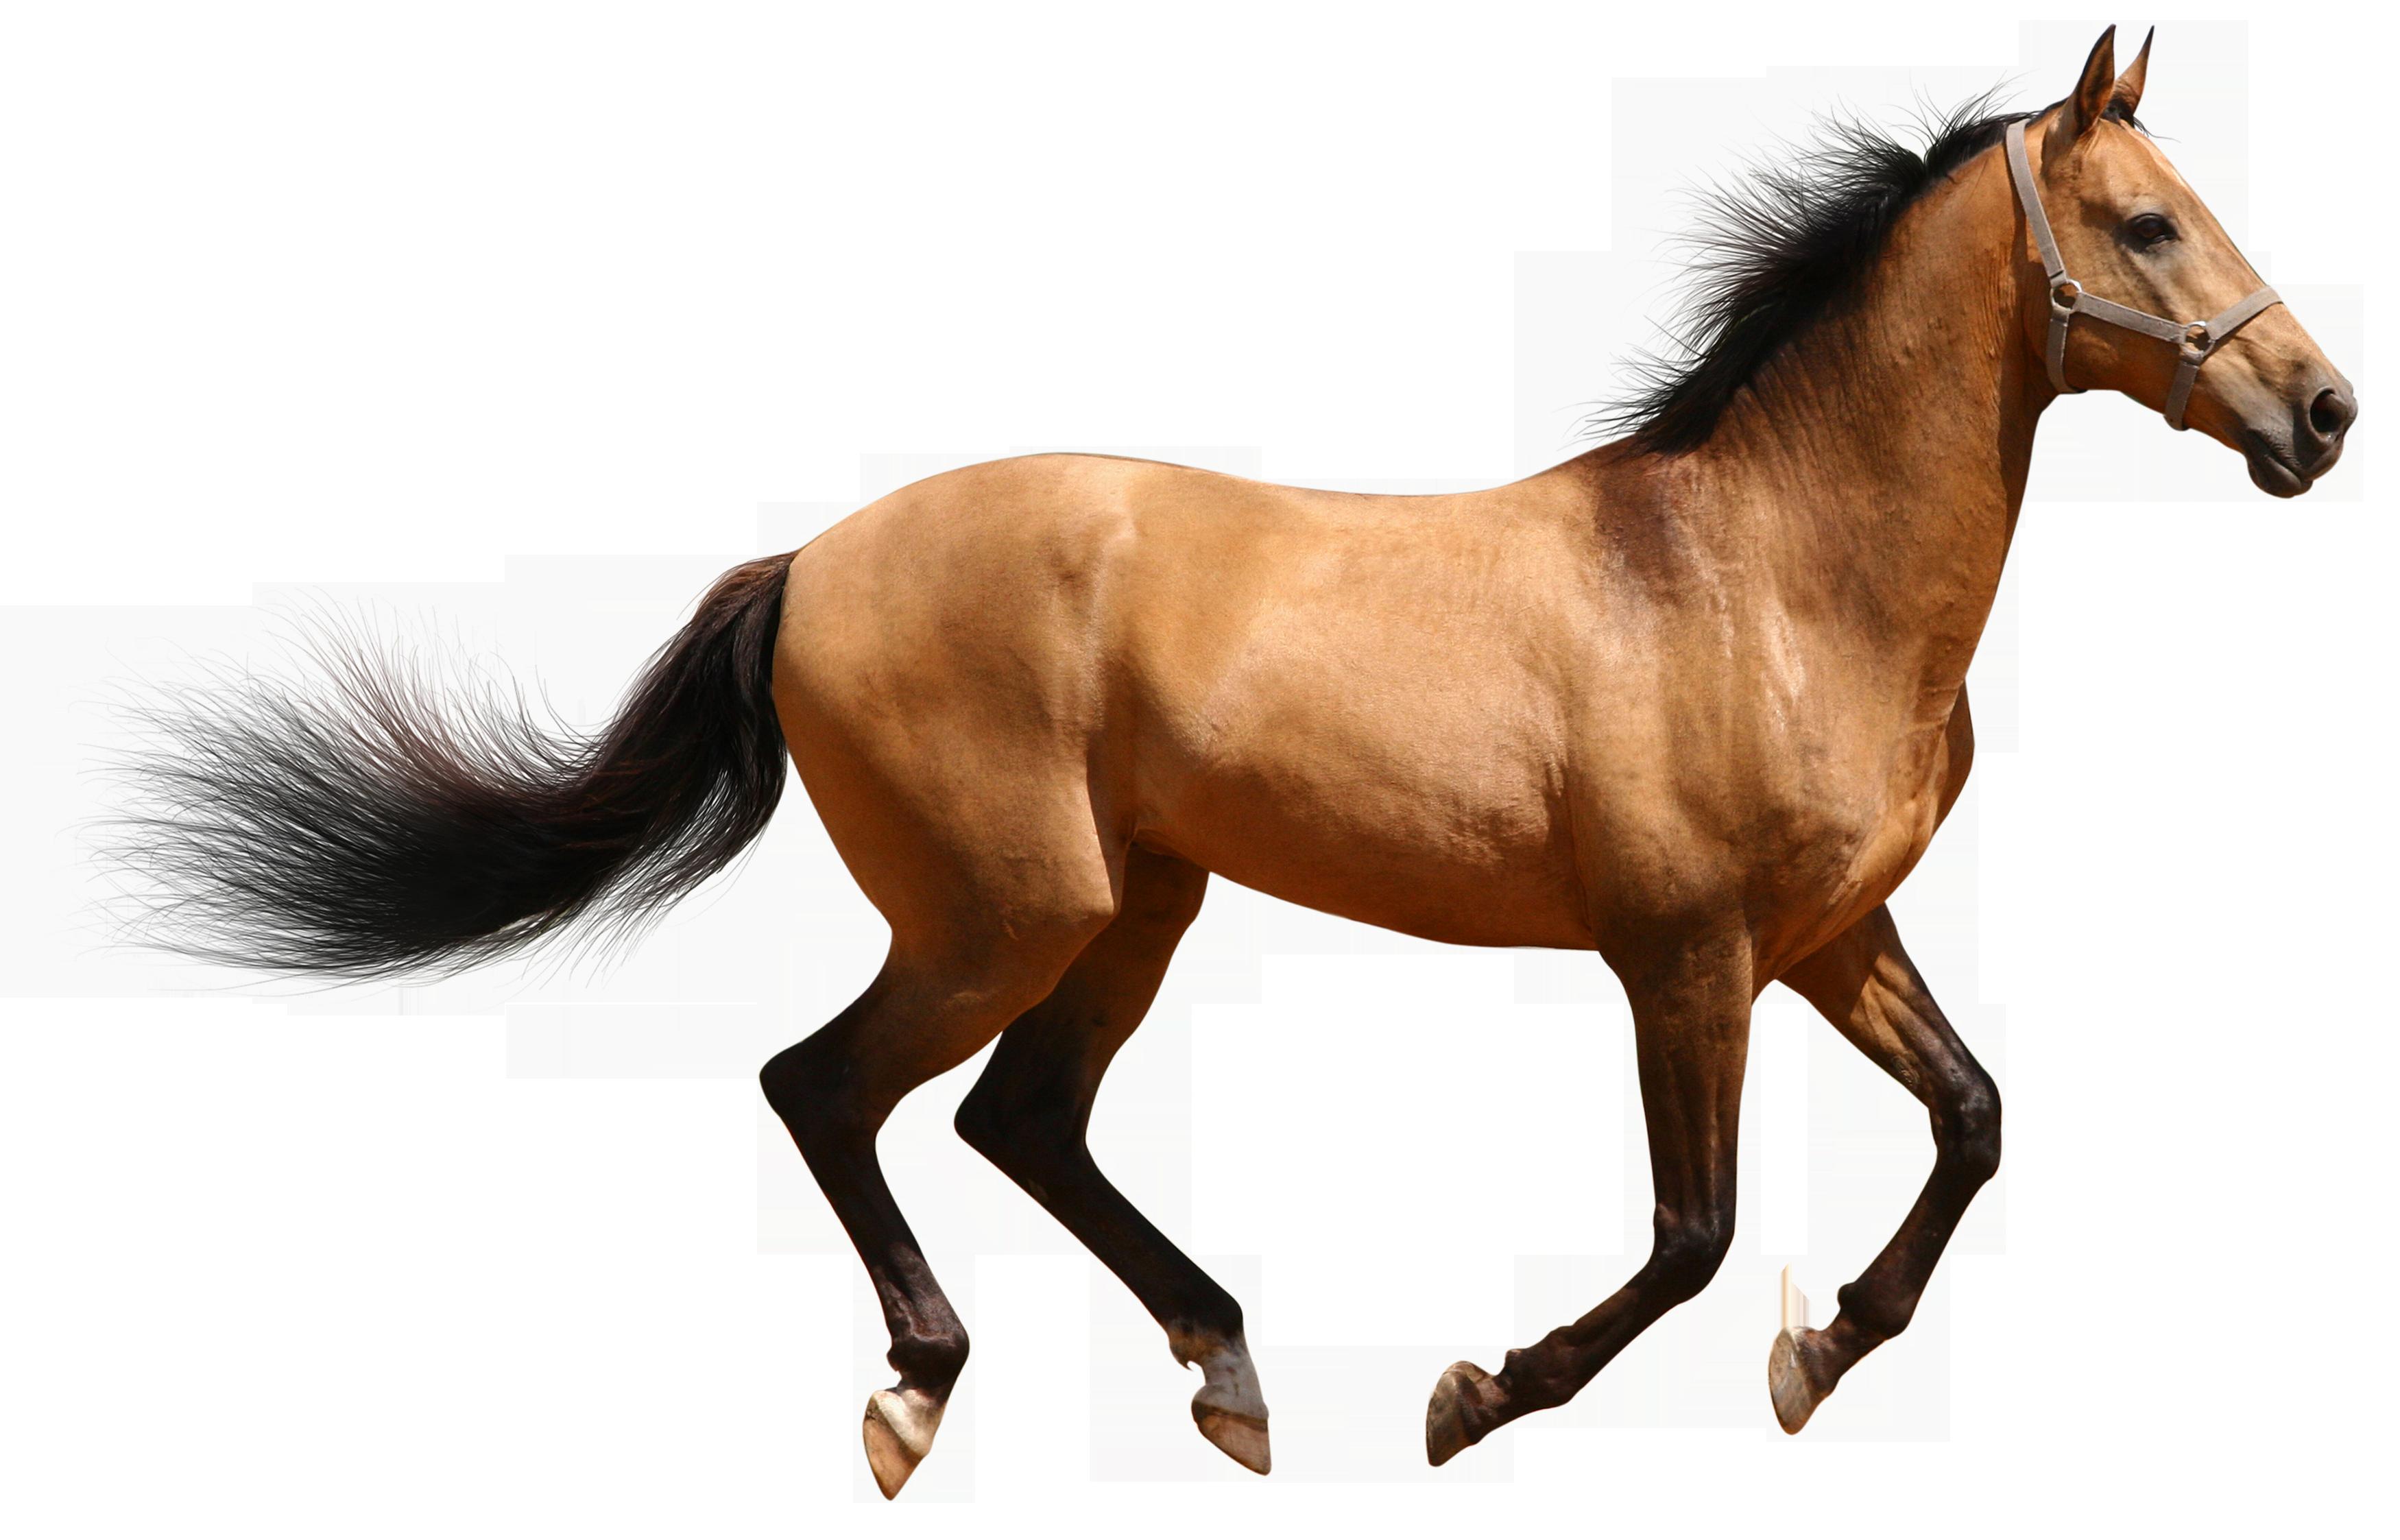 horse - google search | chelsea stewart i hope you love my stuff